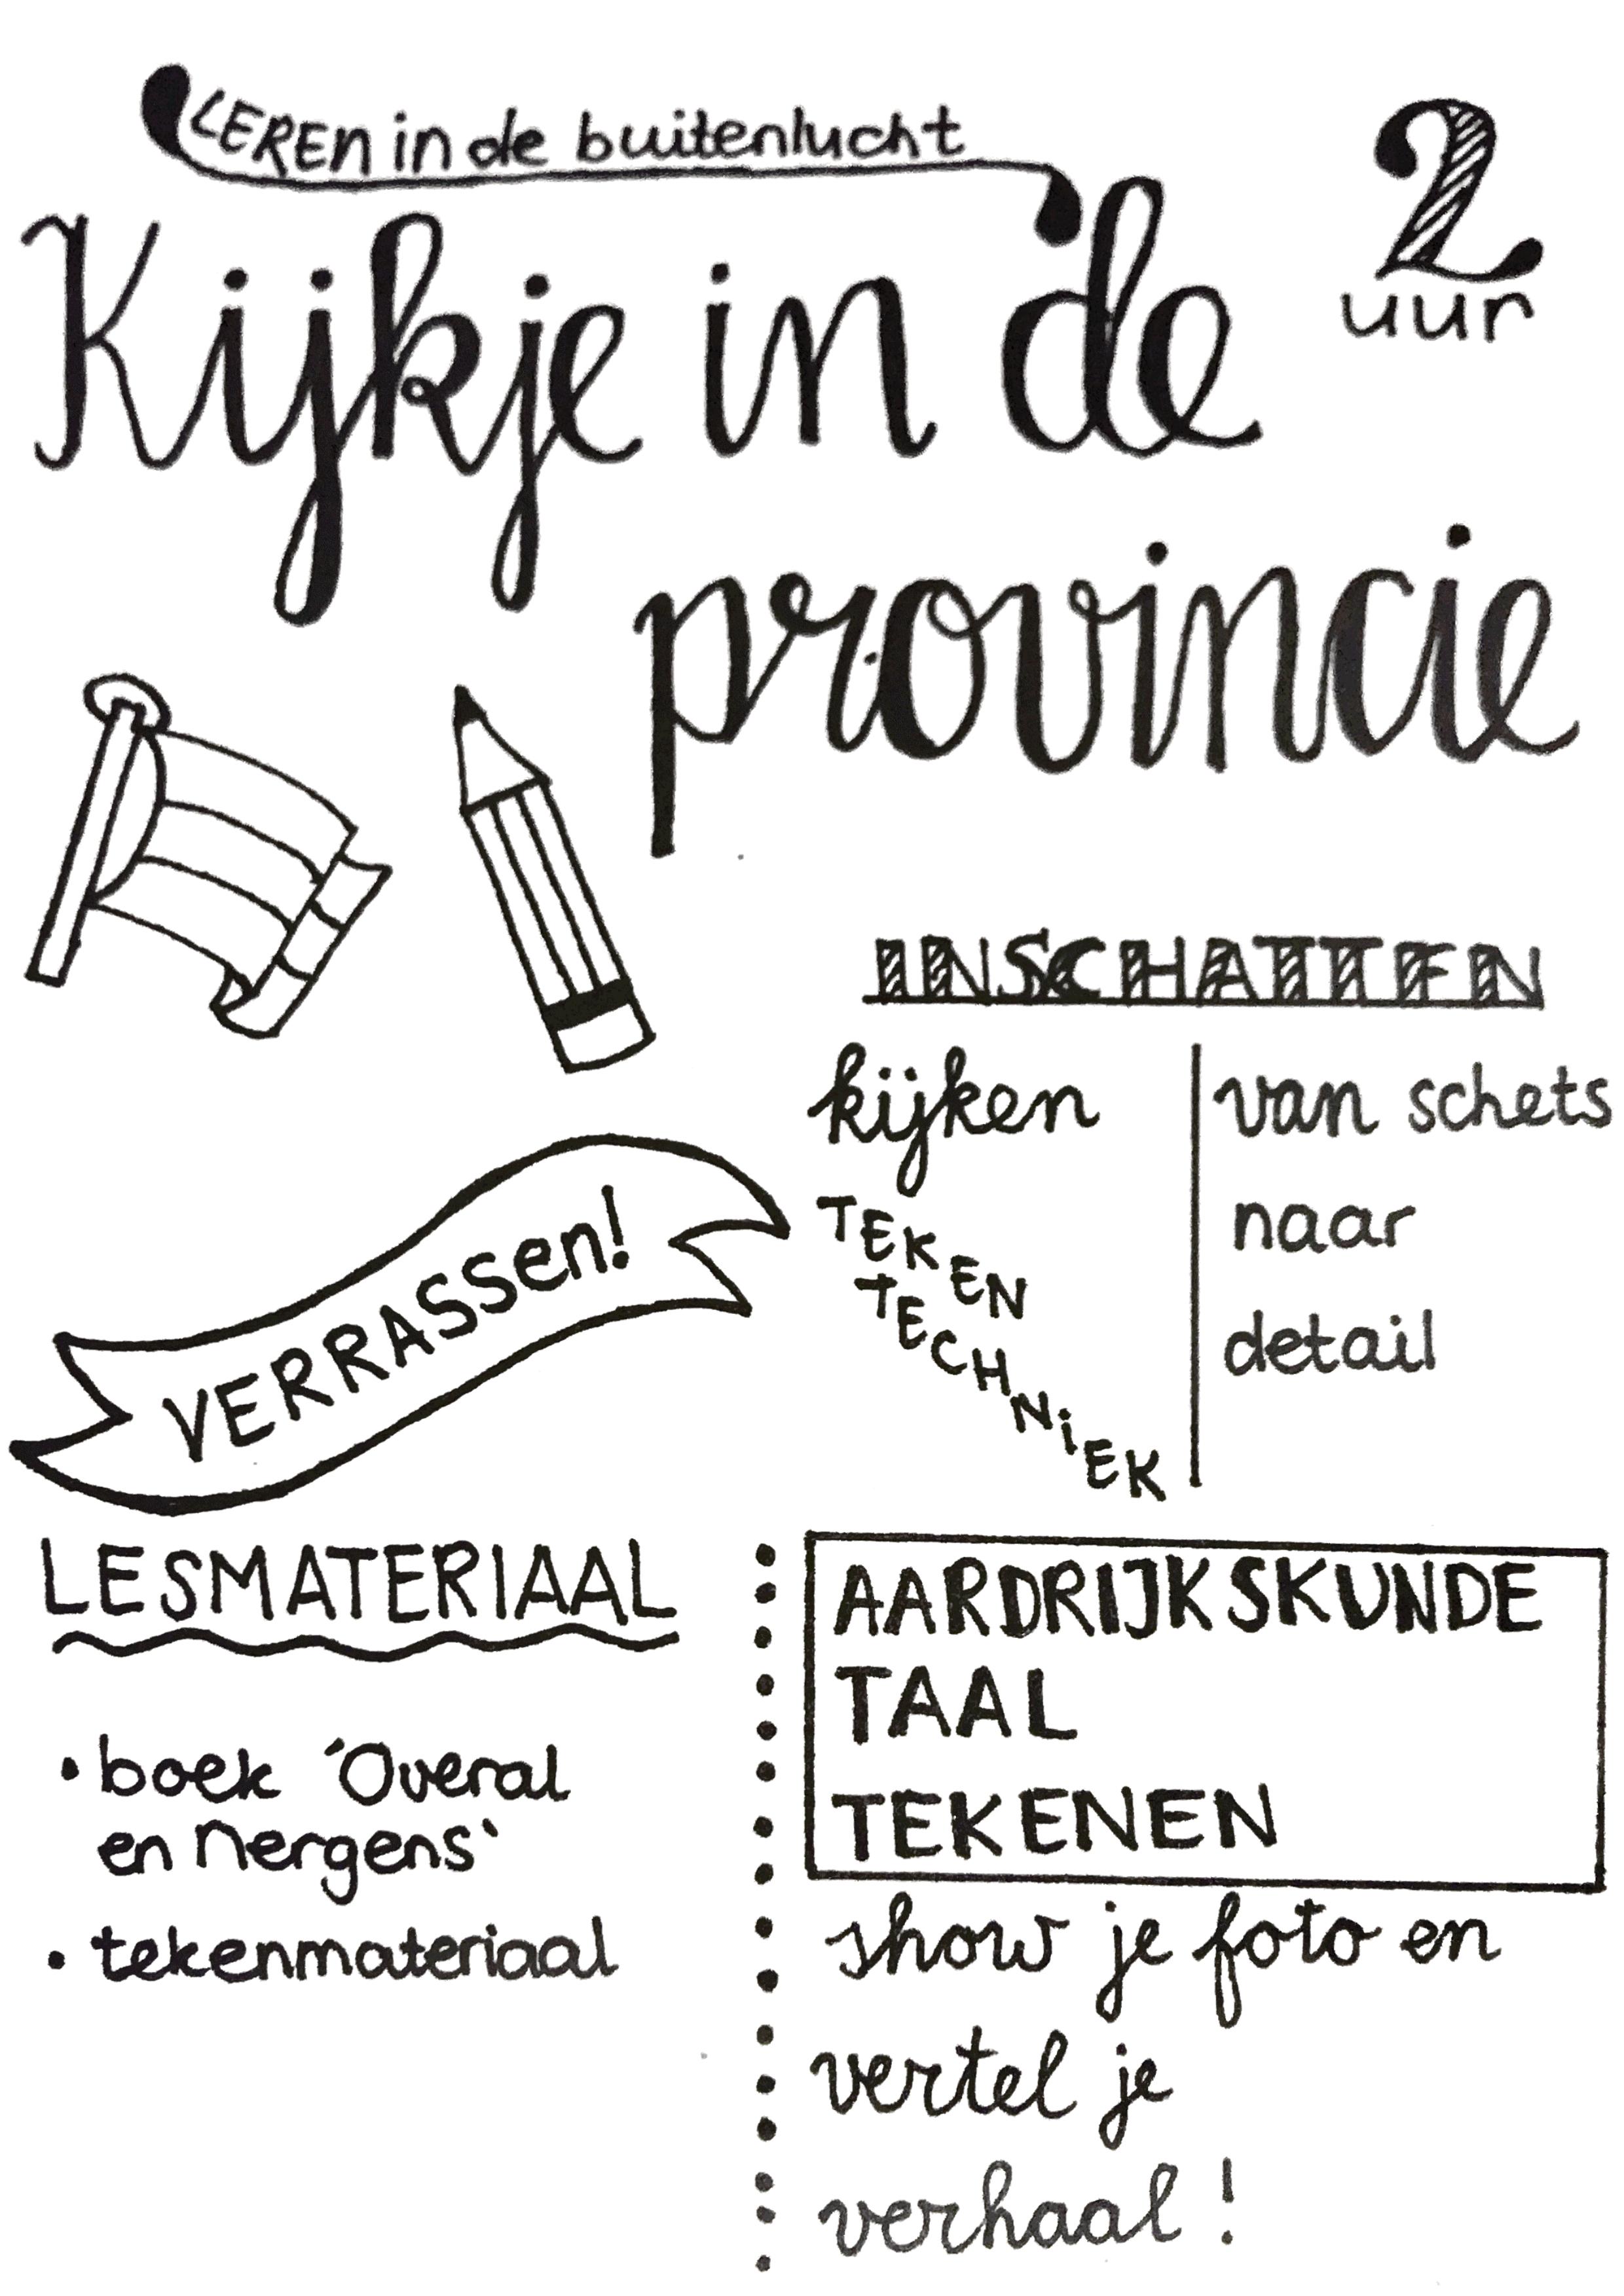 Kijkje_in_de_provincie